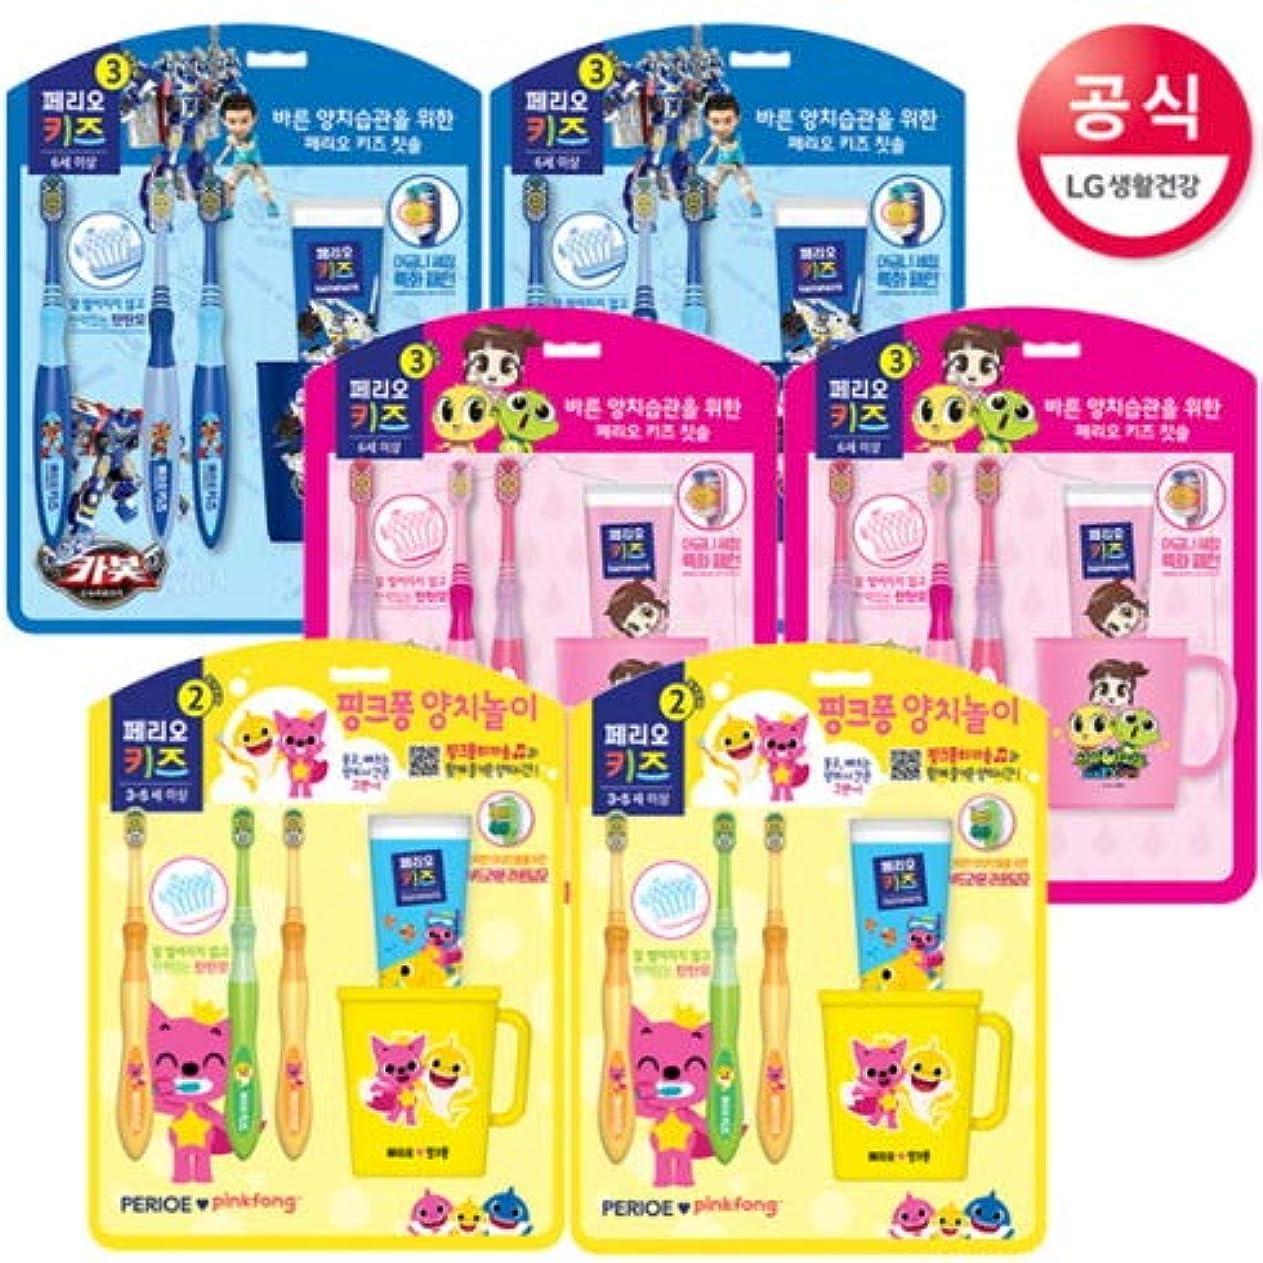 [LG HnB] Perio Kids Brushing Set /ペリオ子供シダセットx6個(海外直送品)